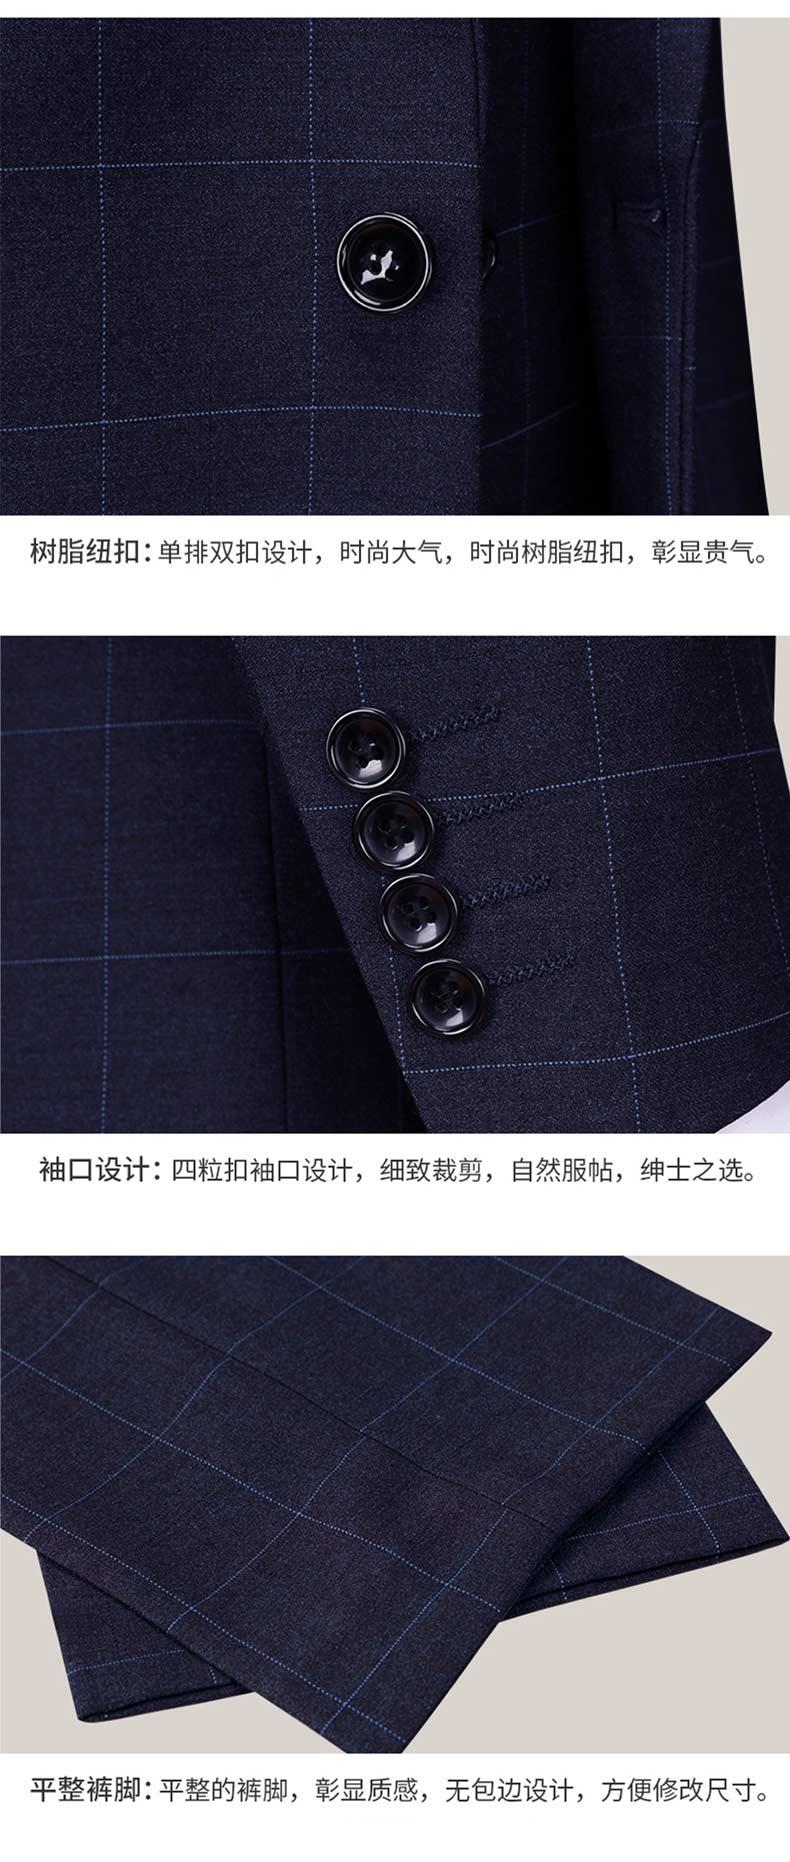 男装羊毛西服面料西装套装细节展示